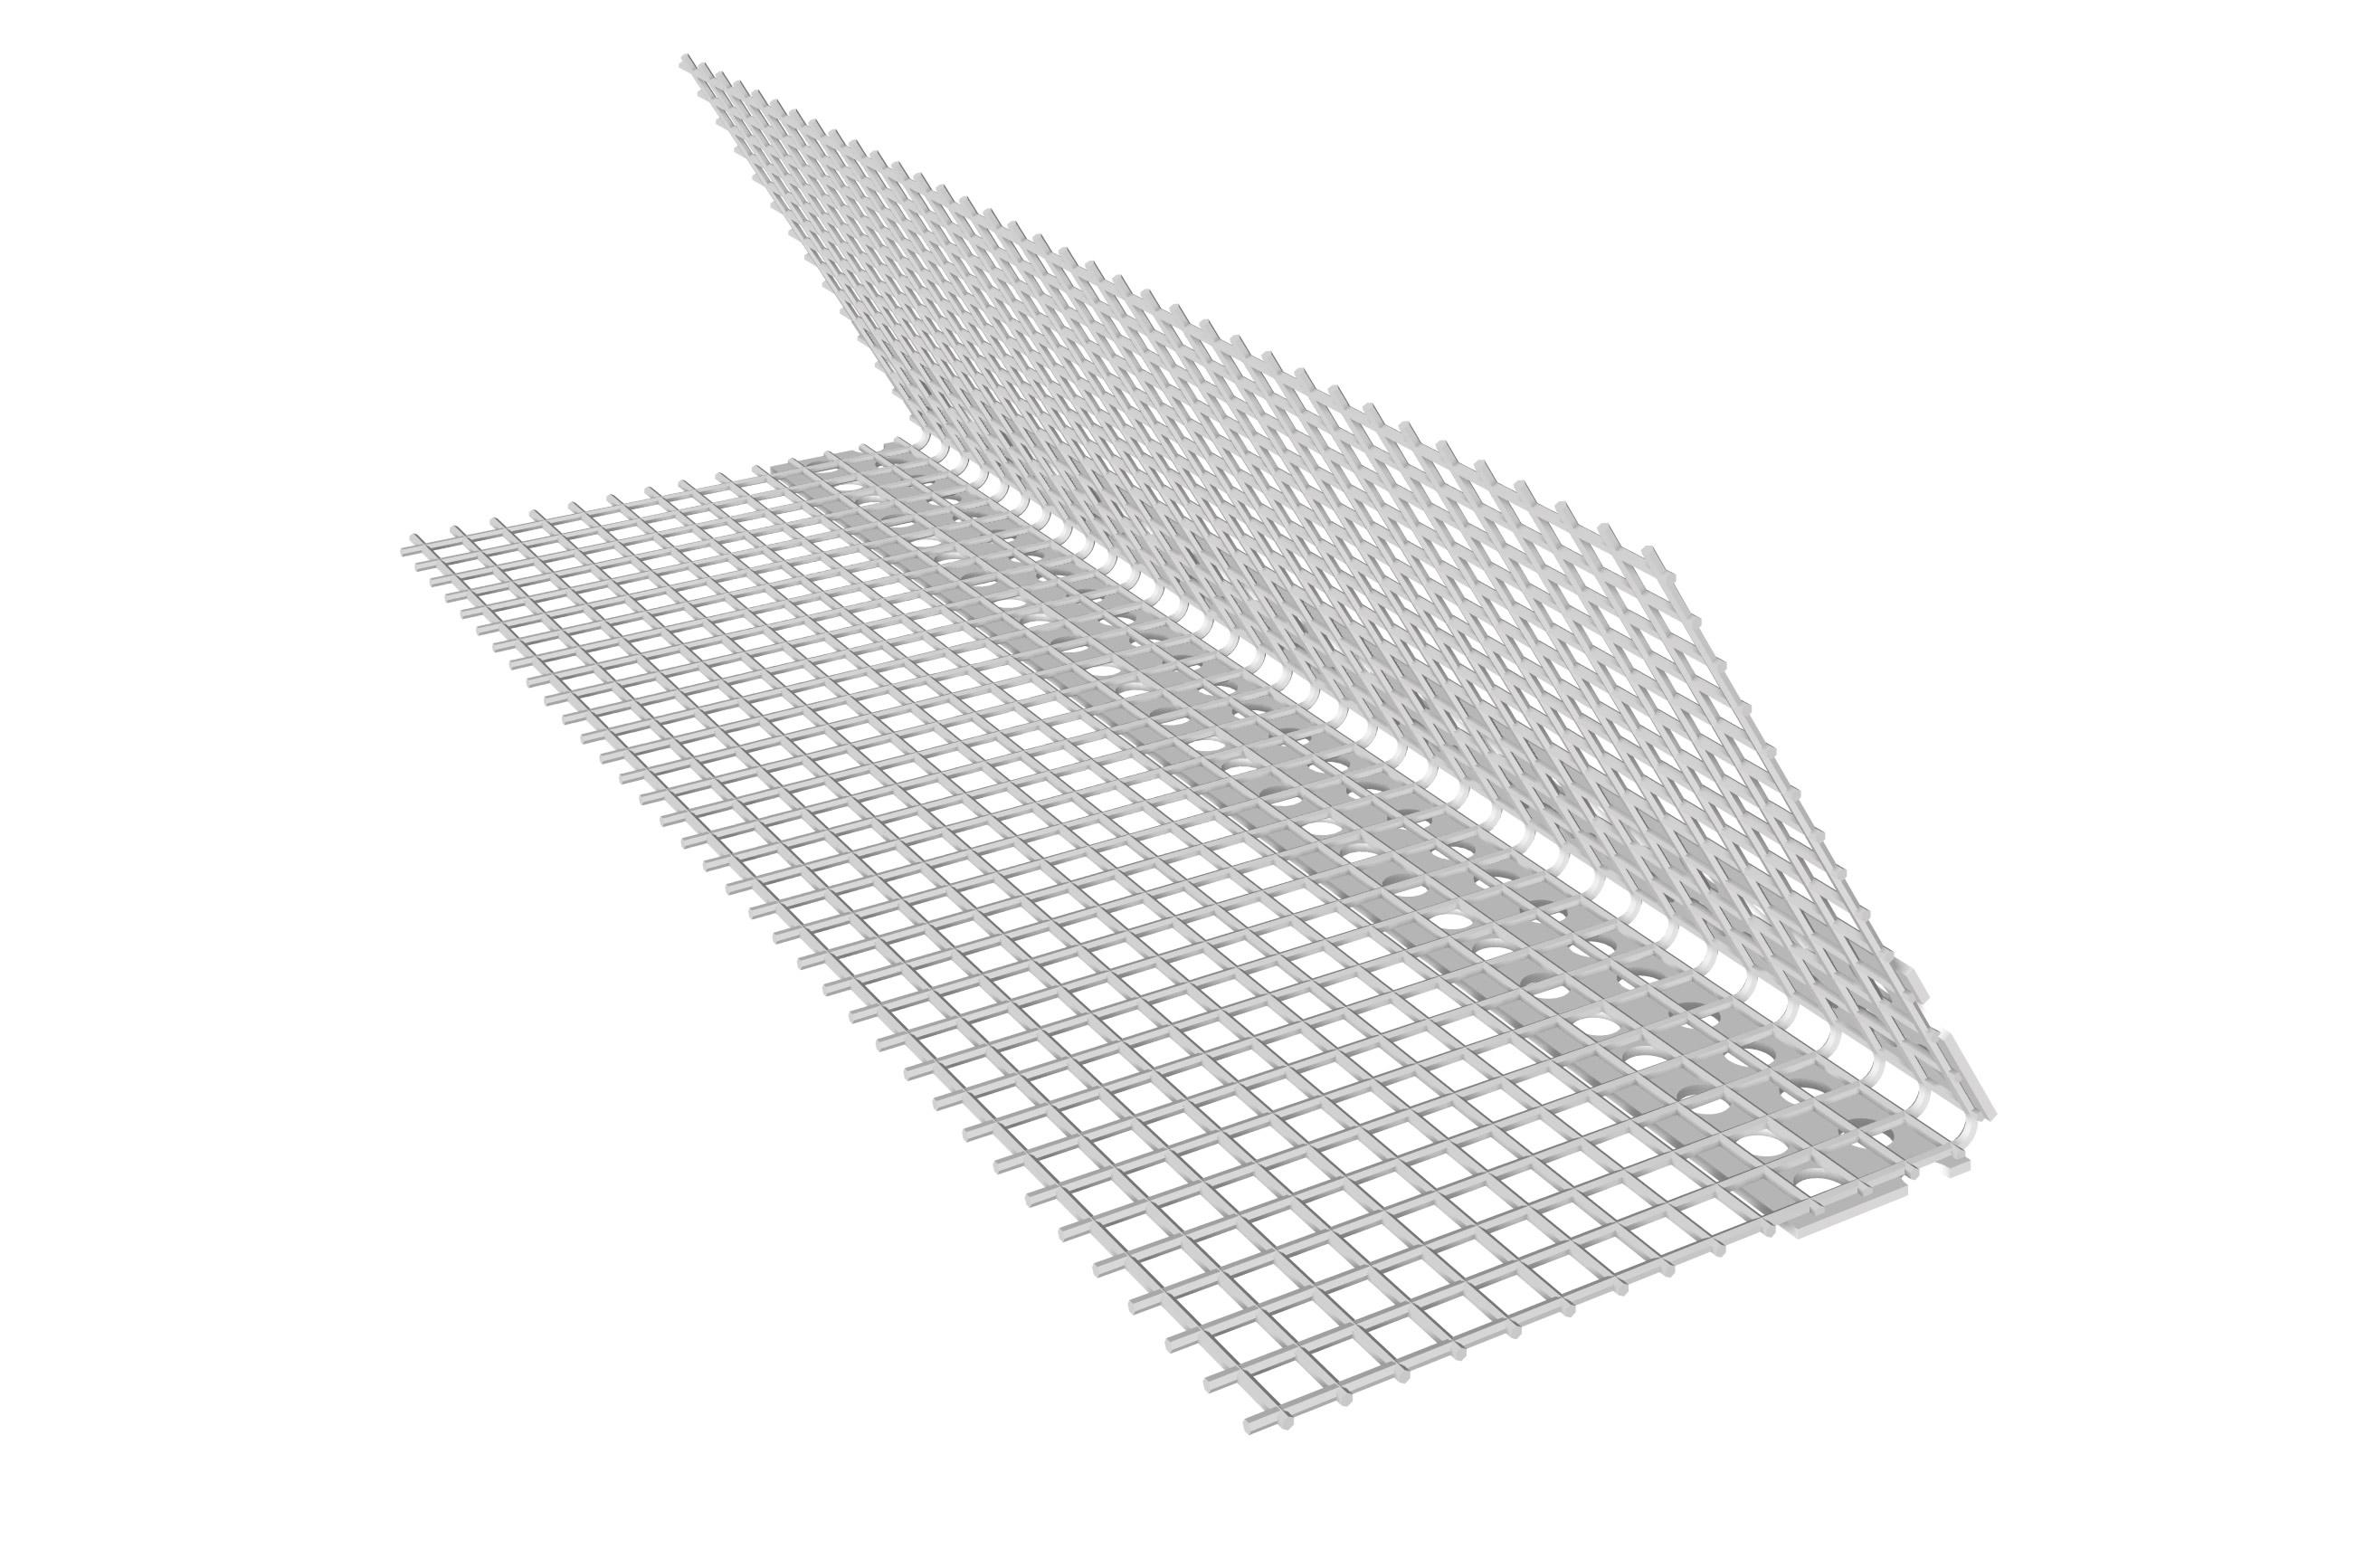 PARASPIGOLO IN PVC IN ROTOLO: Paraspigolo in rotolo in PVC con rete in fibra di vetro preincollata ad angolo variabile